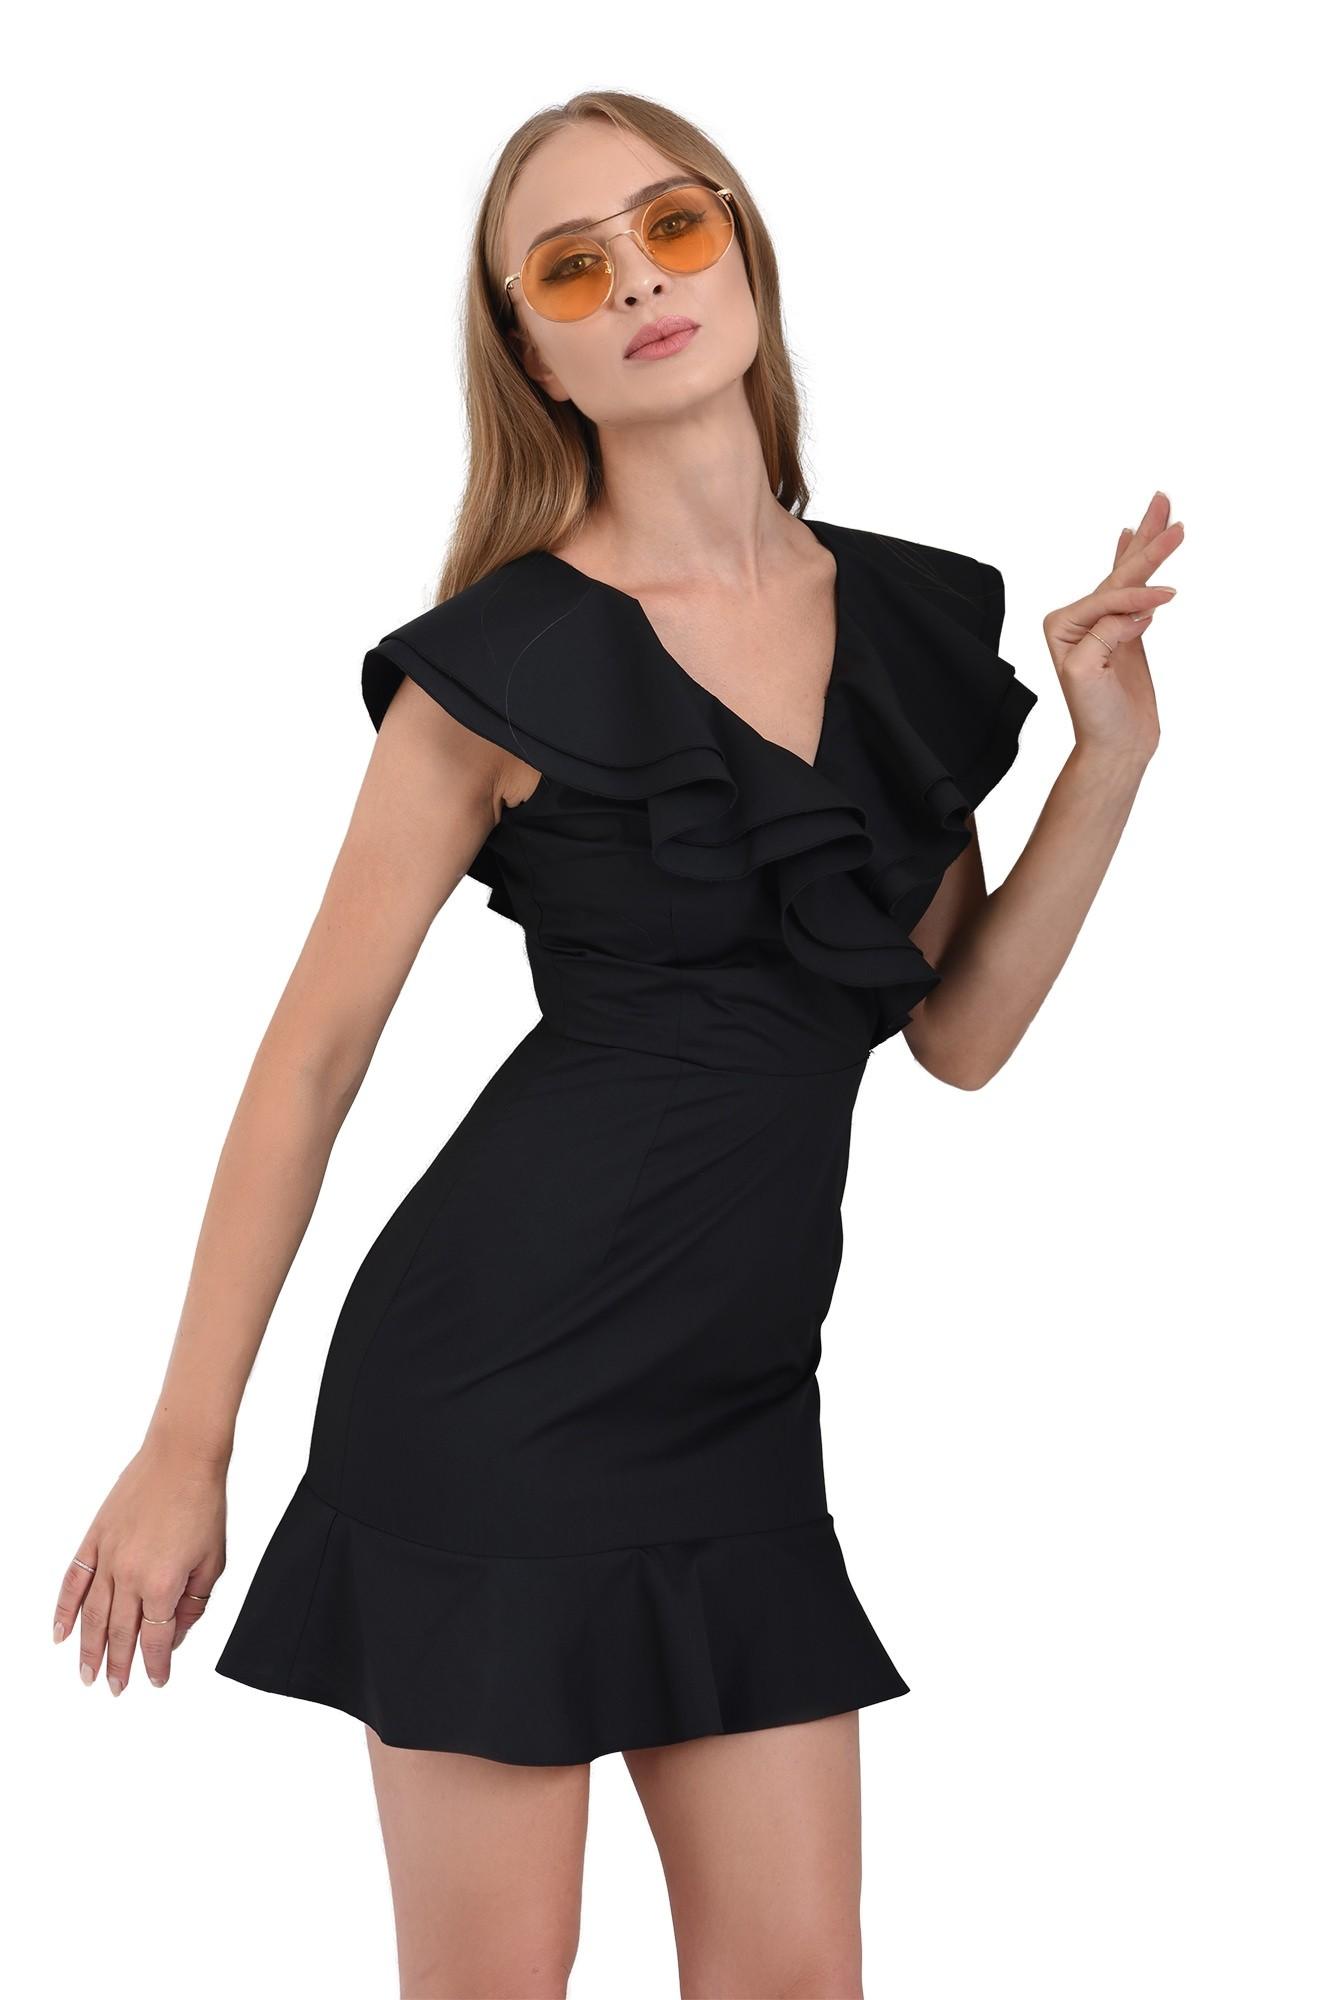 0 -  rochie mini, clos, cu volane, neagra, Poema